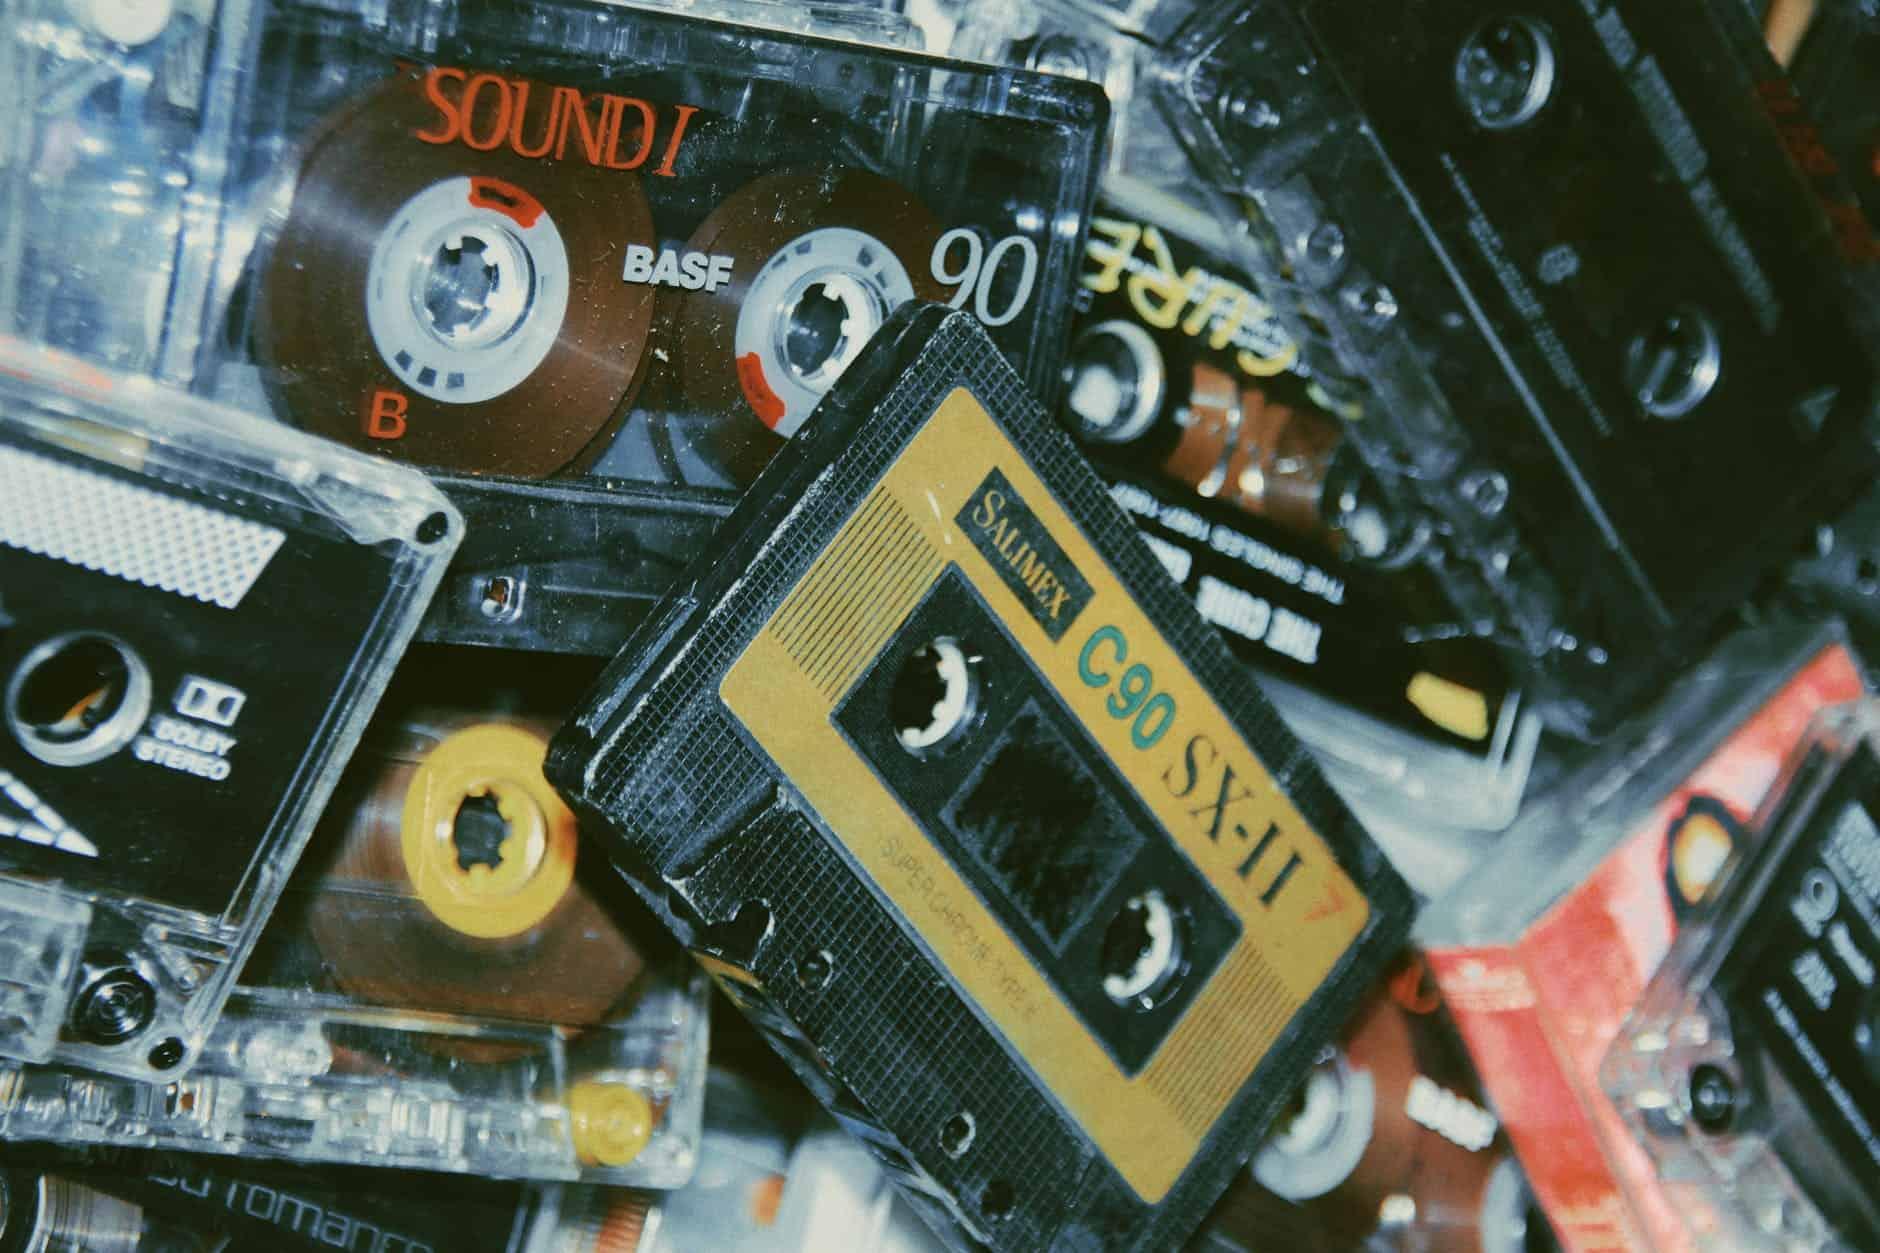 pile de cassettes